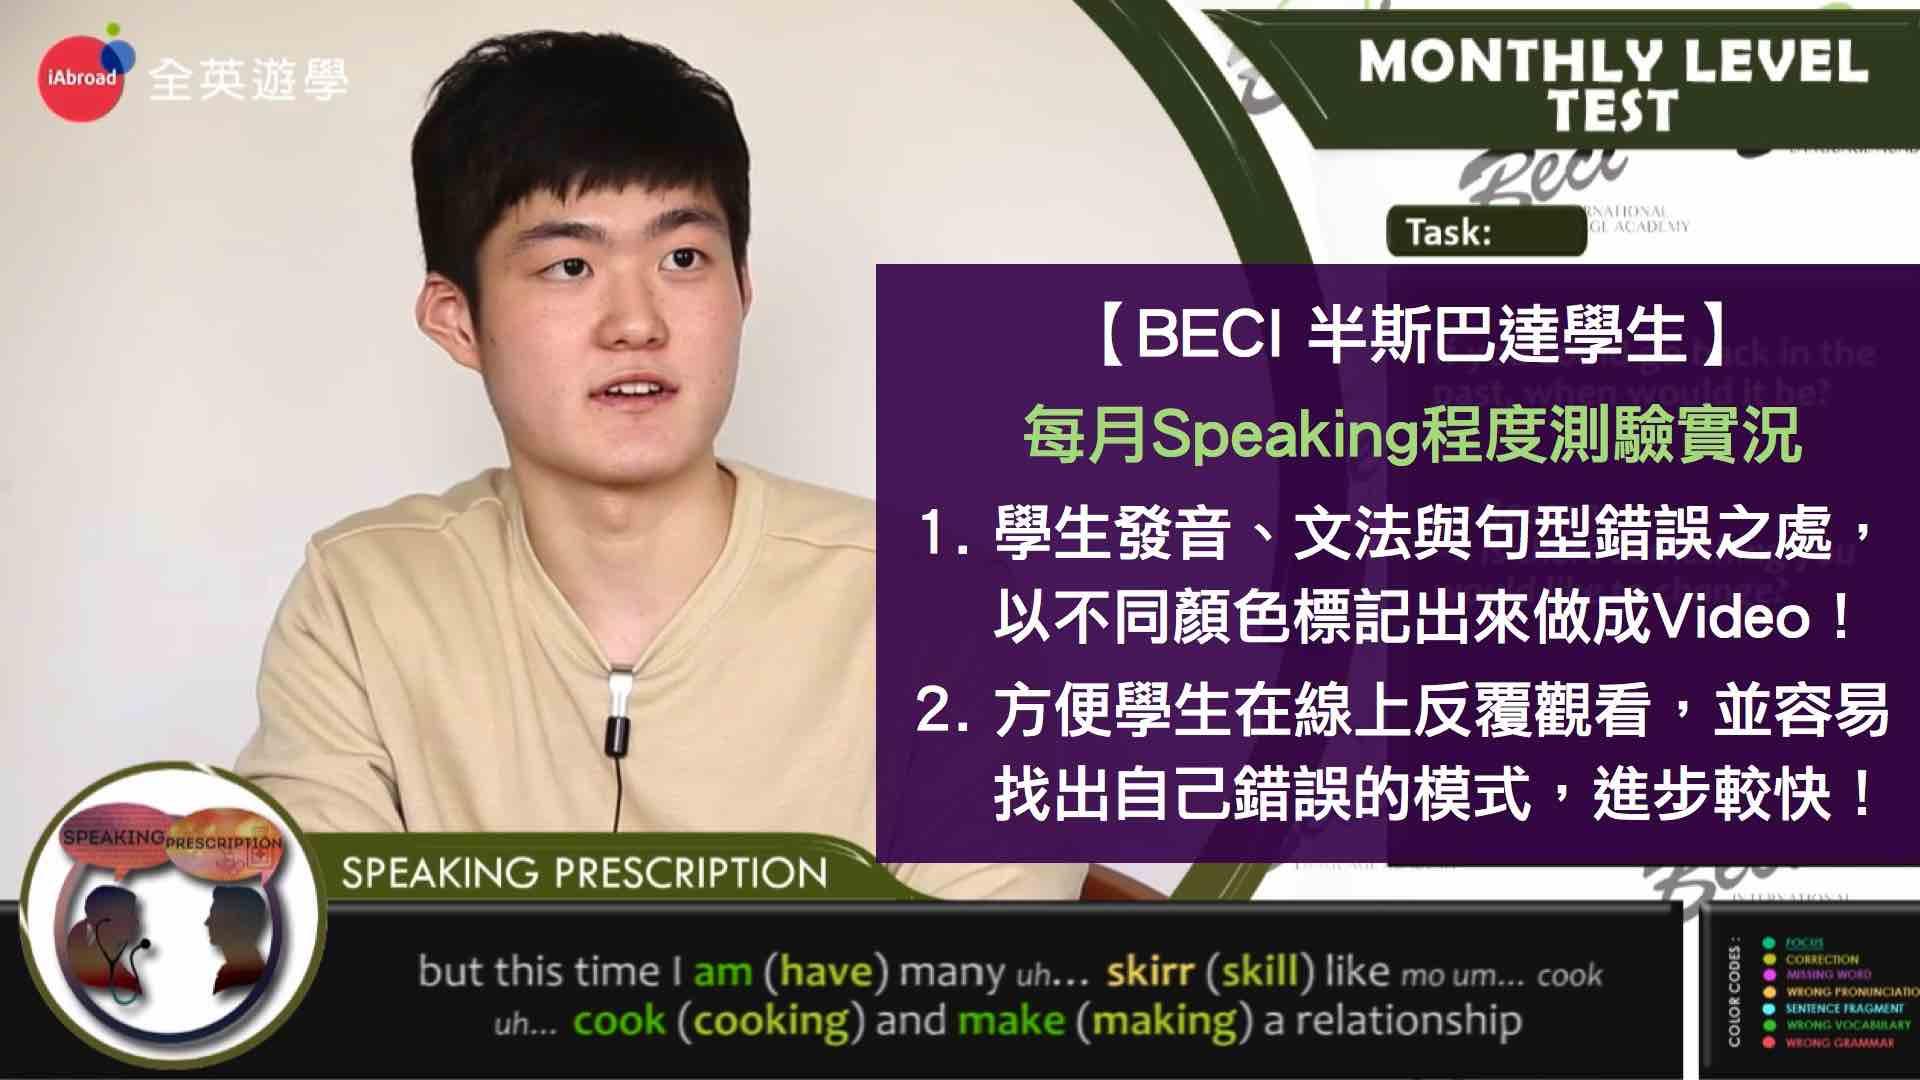 碧瑤 BECI 斯巴達學校,每月口說程度測驗錄影實況 (Kris),看韓國帥歐巴講英文